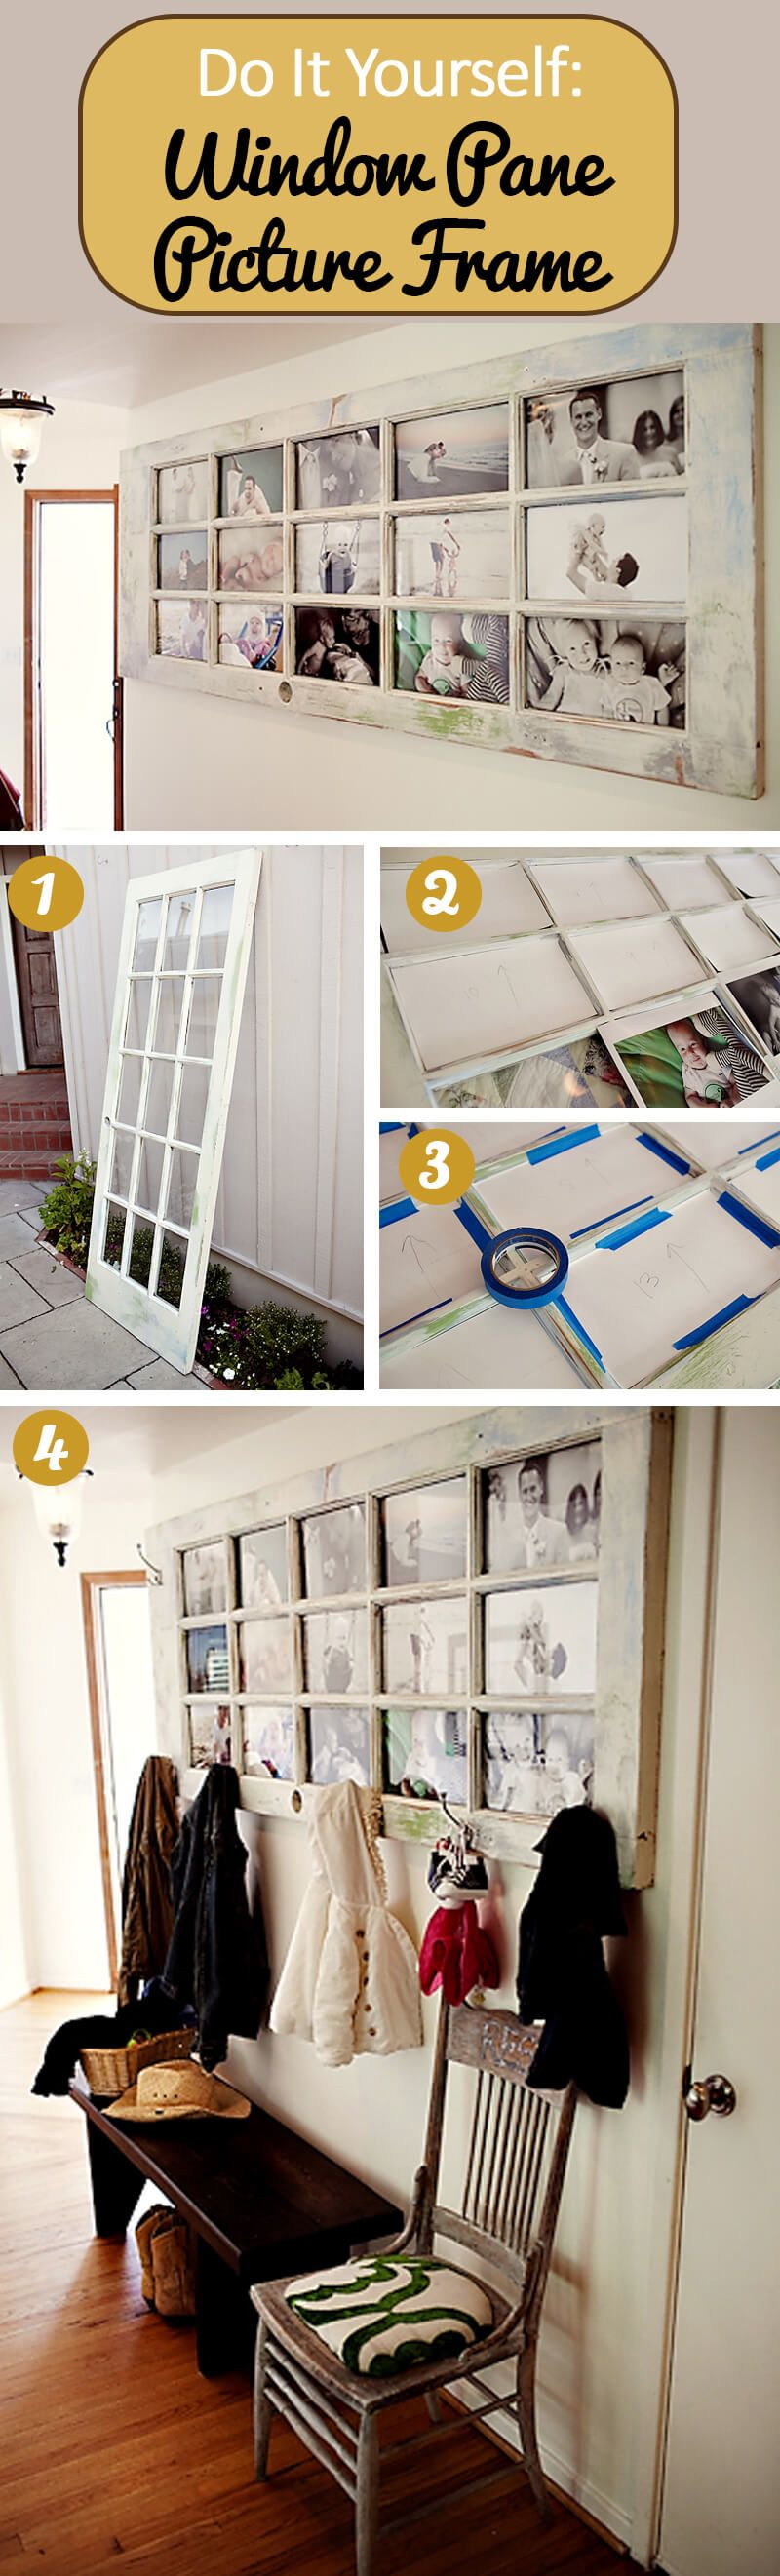 Einfaches hausdesign hd pin von deko auf diyprojekte  pinterest  projekte haus und home